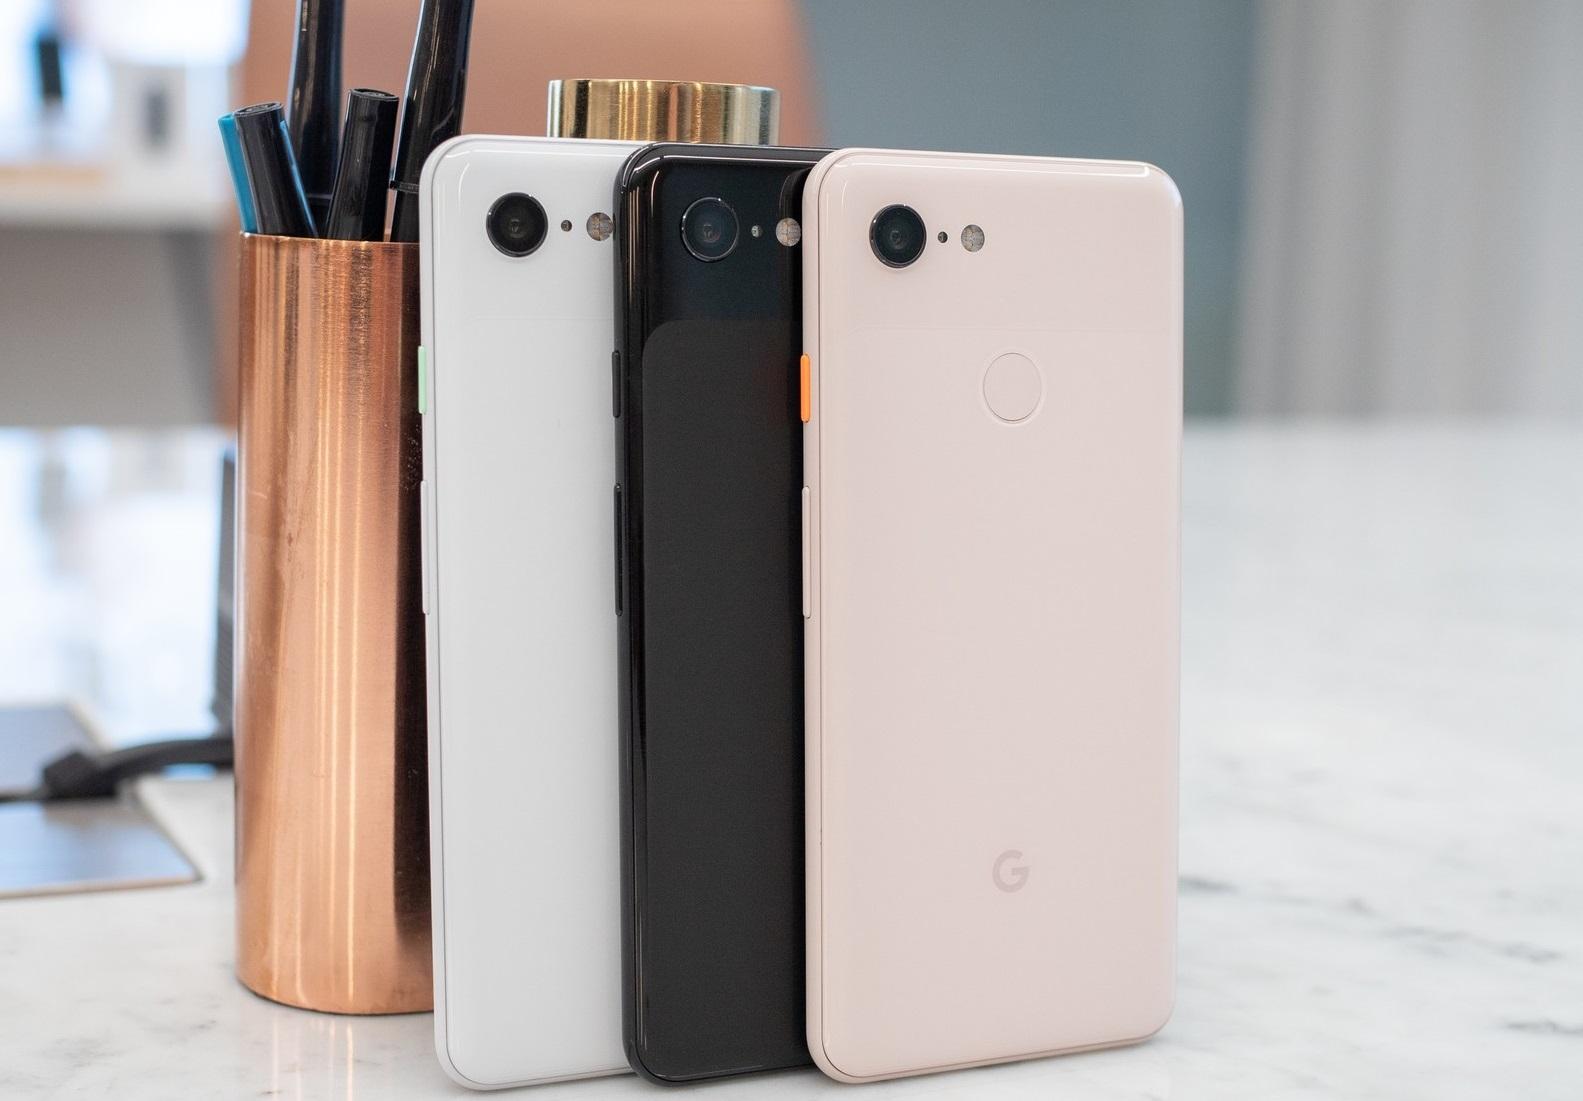 مراجعة الهاتفين الأحدث في عالم أندرويد Google Pixel 3 وGoogle Pixel 3 XL